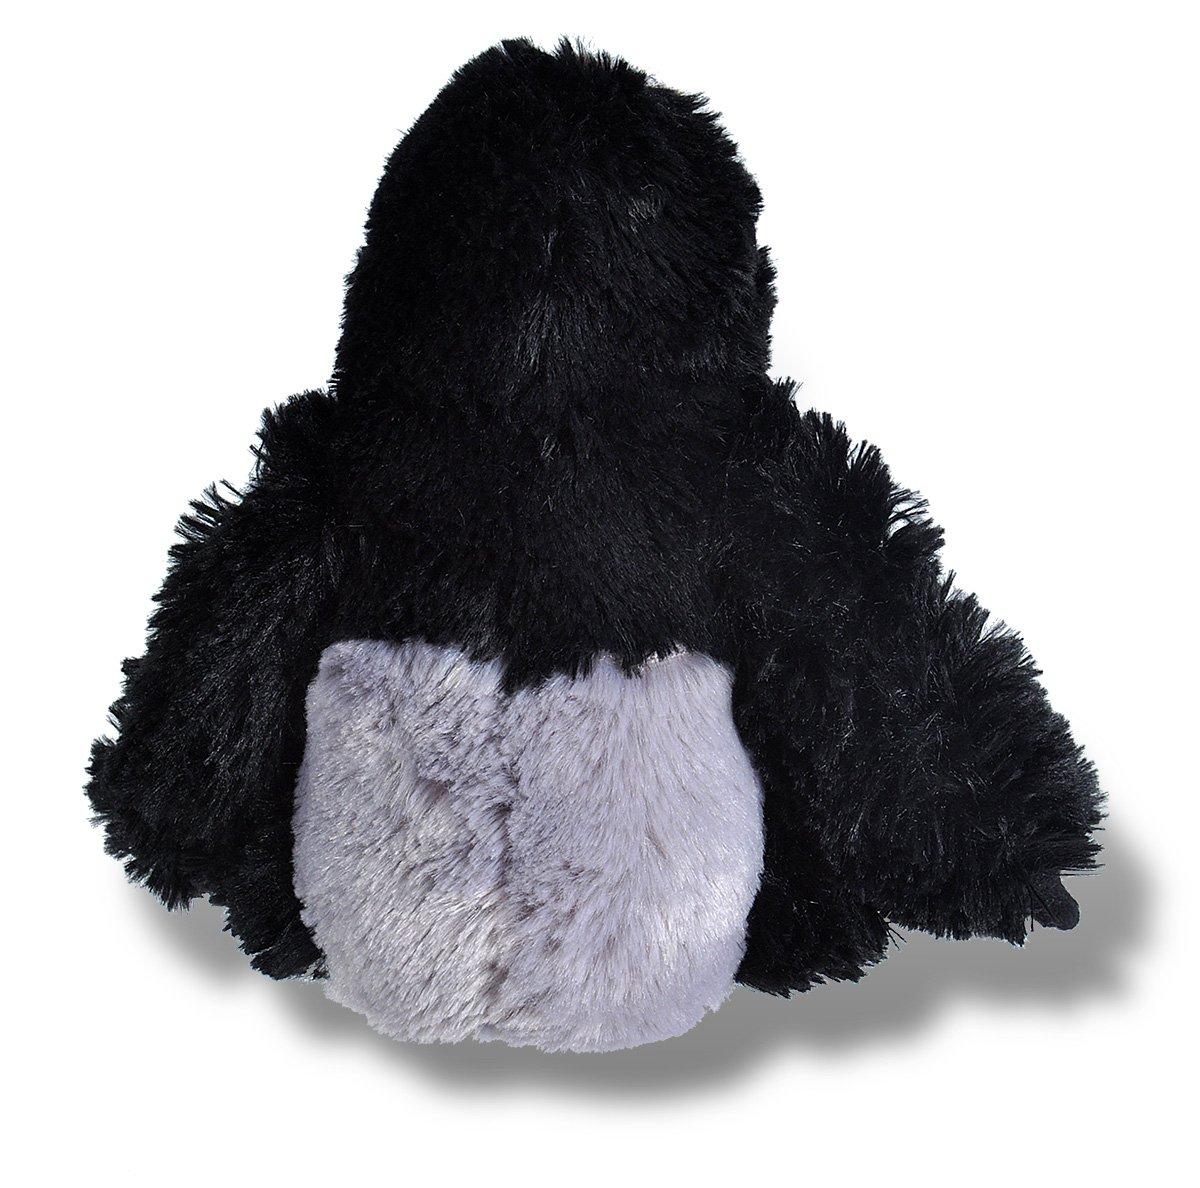 Gifts For Cuddlekins Cuddly Toys Wild Republic 12250 Orangutan Plush Soft